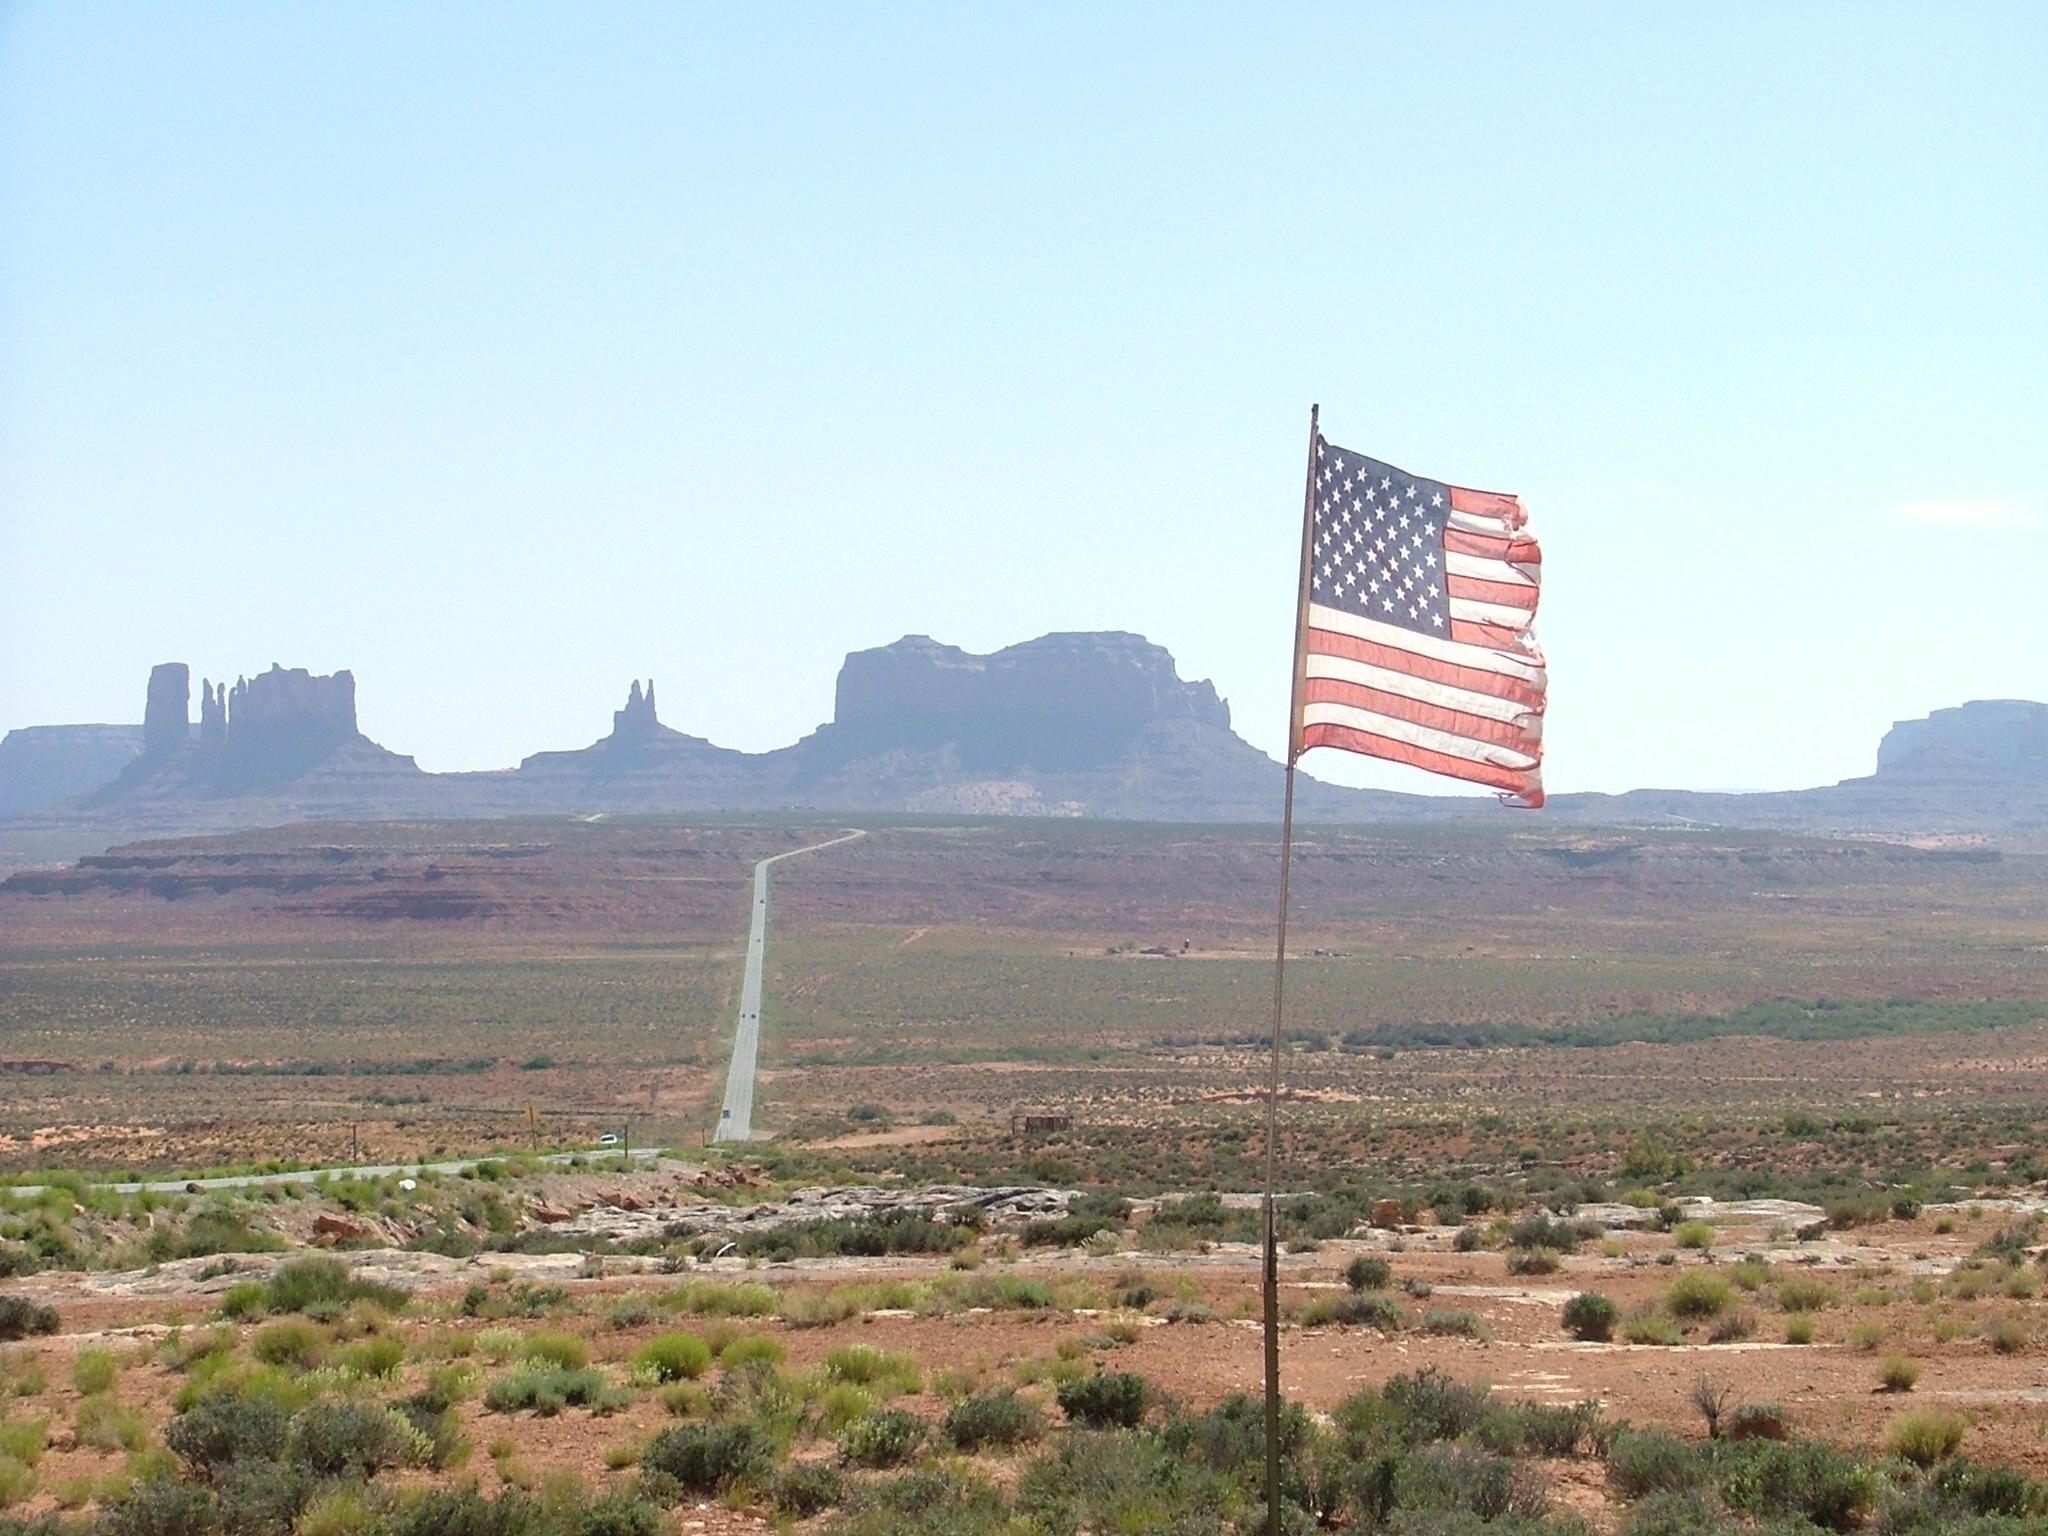 """""""Rejsebureauagenter har fingrene på rejsepulsen, de seneste informationer samt styr på aflysningsregler og hvordan gæster får refunderinger,"""" siger brancheekspert, der forudser øget brug af rejsebureauer. Arkivfoto fra Arizona-delen af Monument Valley: Henrik Baumgarten."""